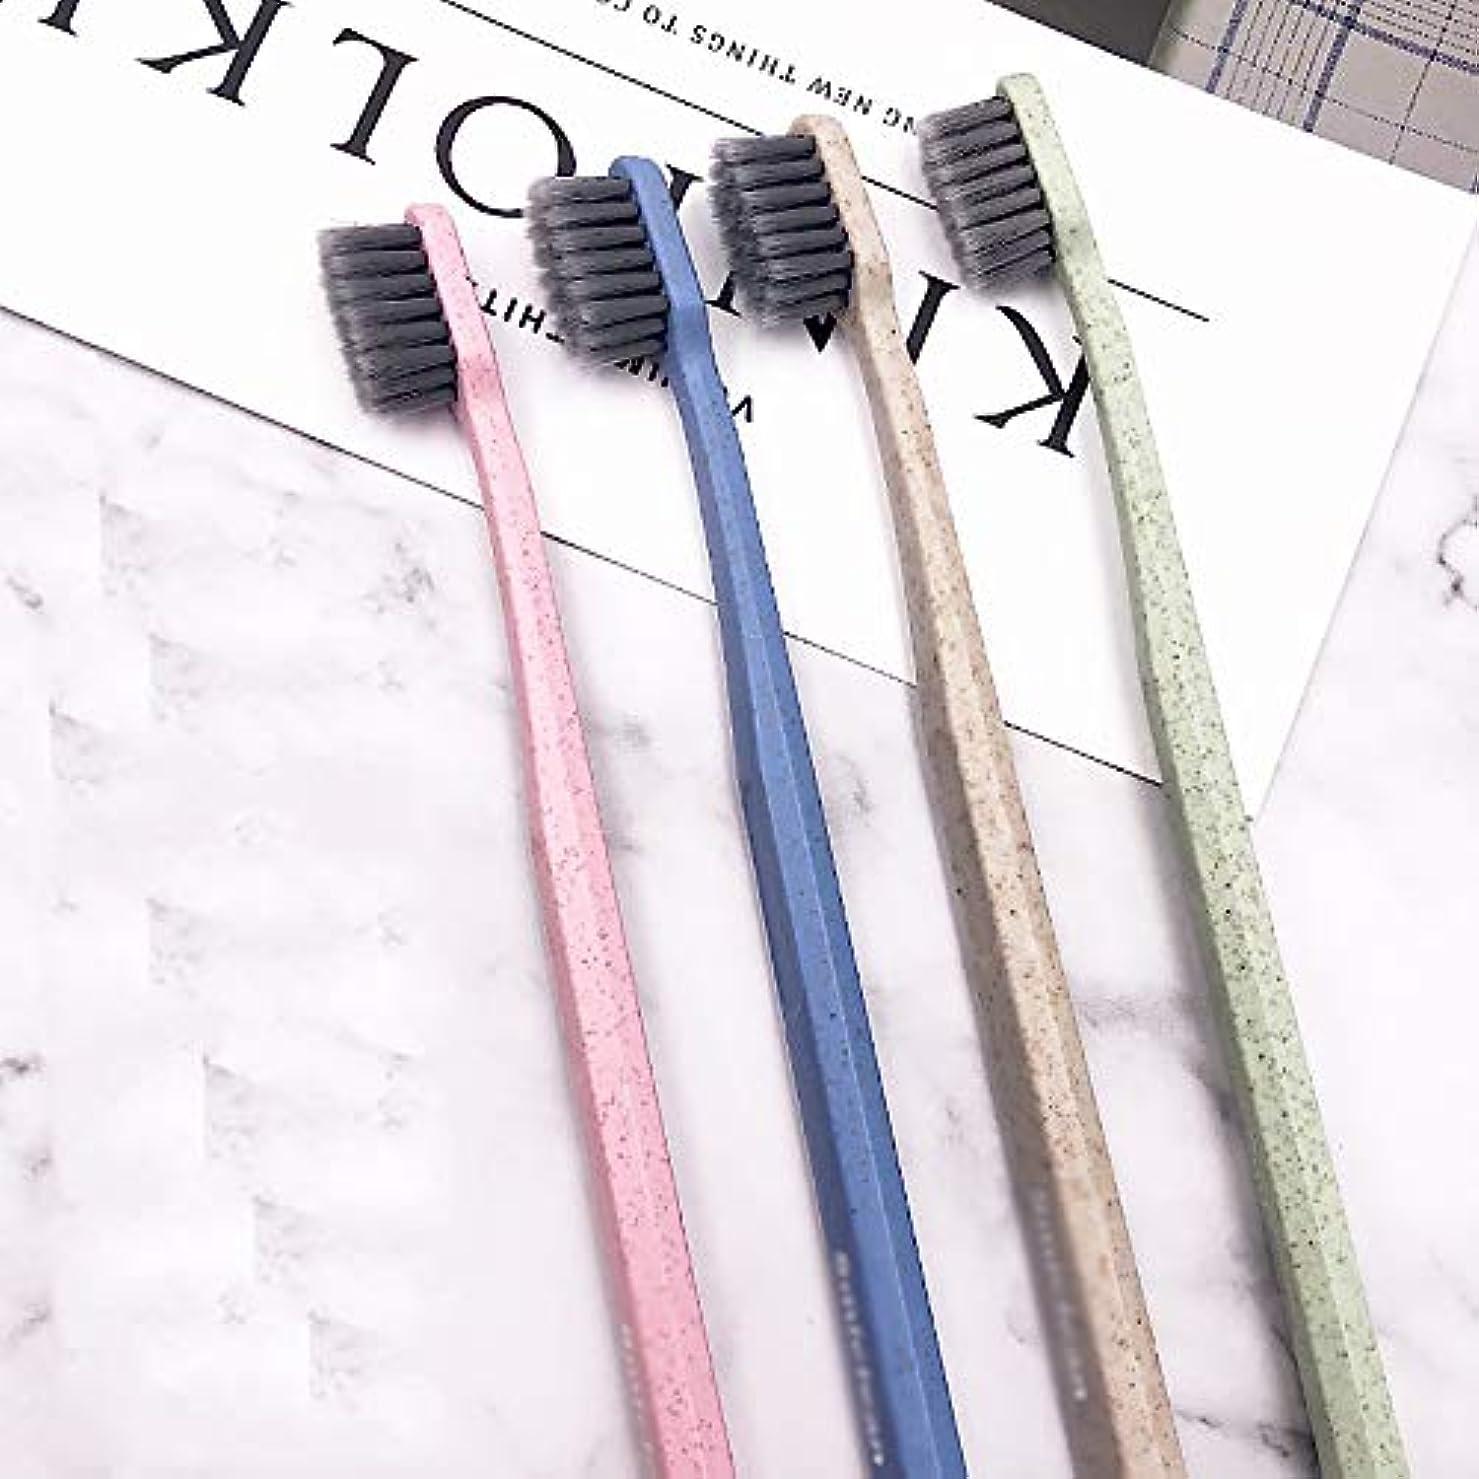 役職ヒューズモノグラフ歯ブラシ 8本のスティック大人歯ブラシ、竹炭歯ブラシ、ブラックブラシヘッド歯ブラシ - 使用可能なスタイルの3種類 HL (色 : A, サイズ : 8 packs)